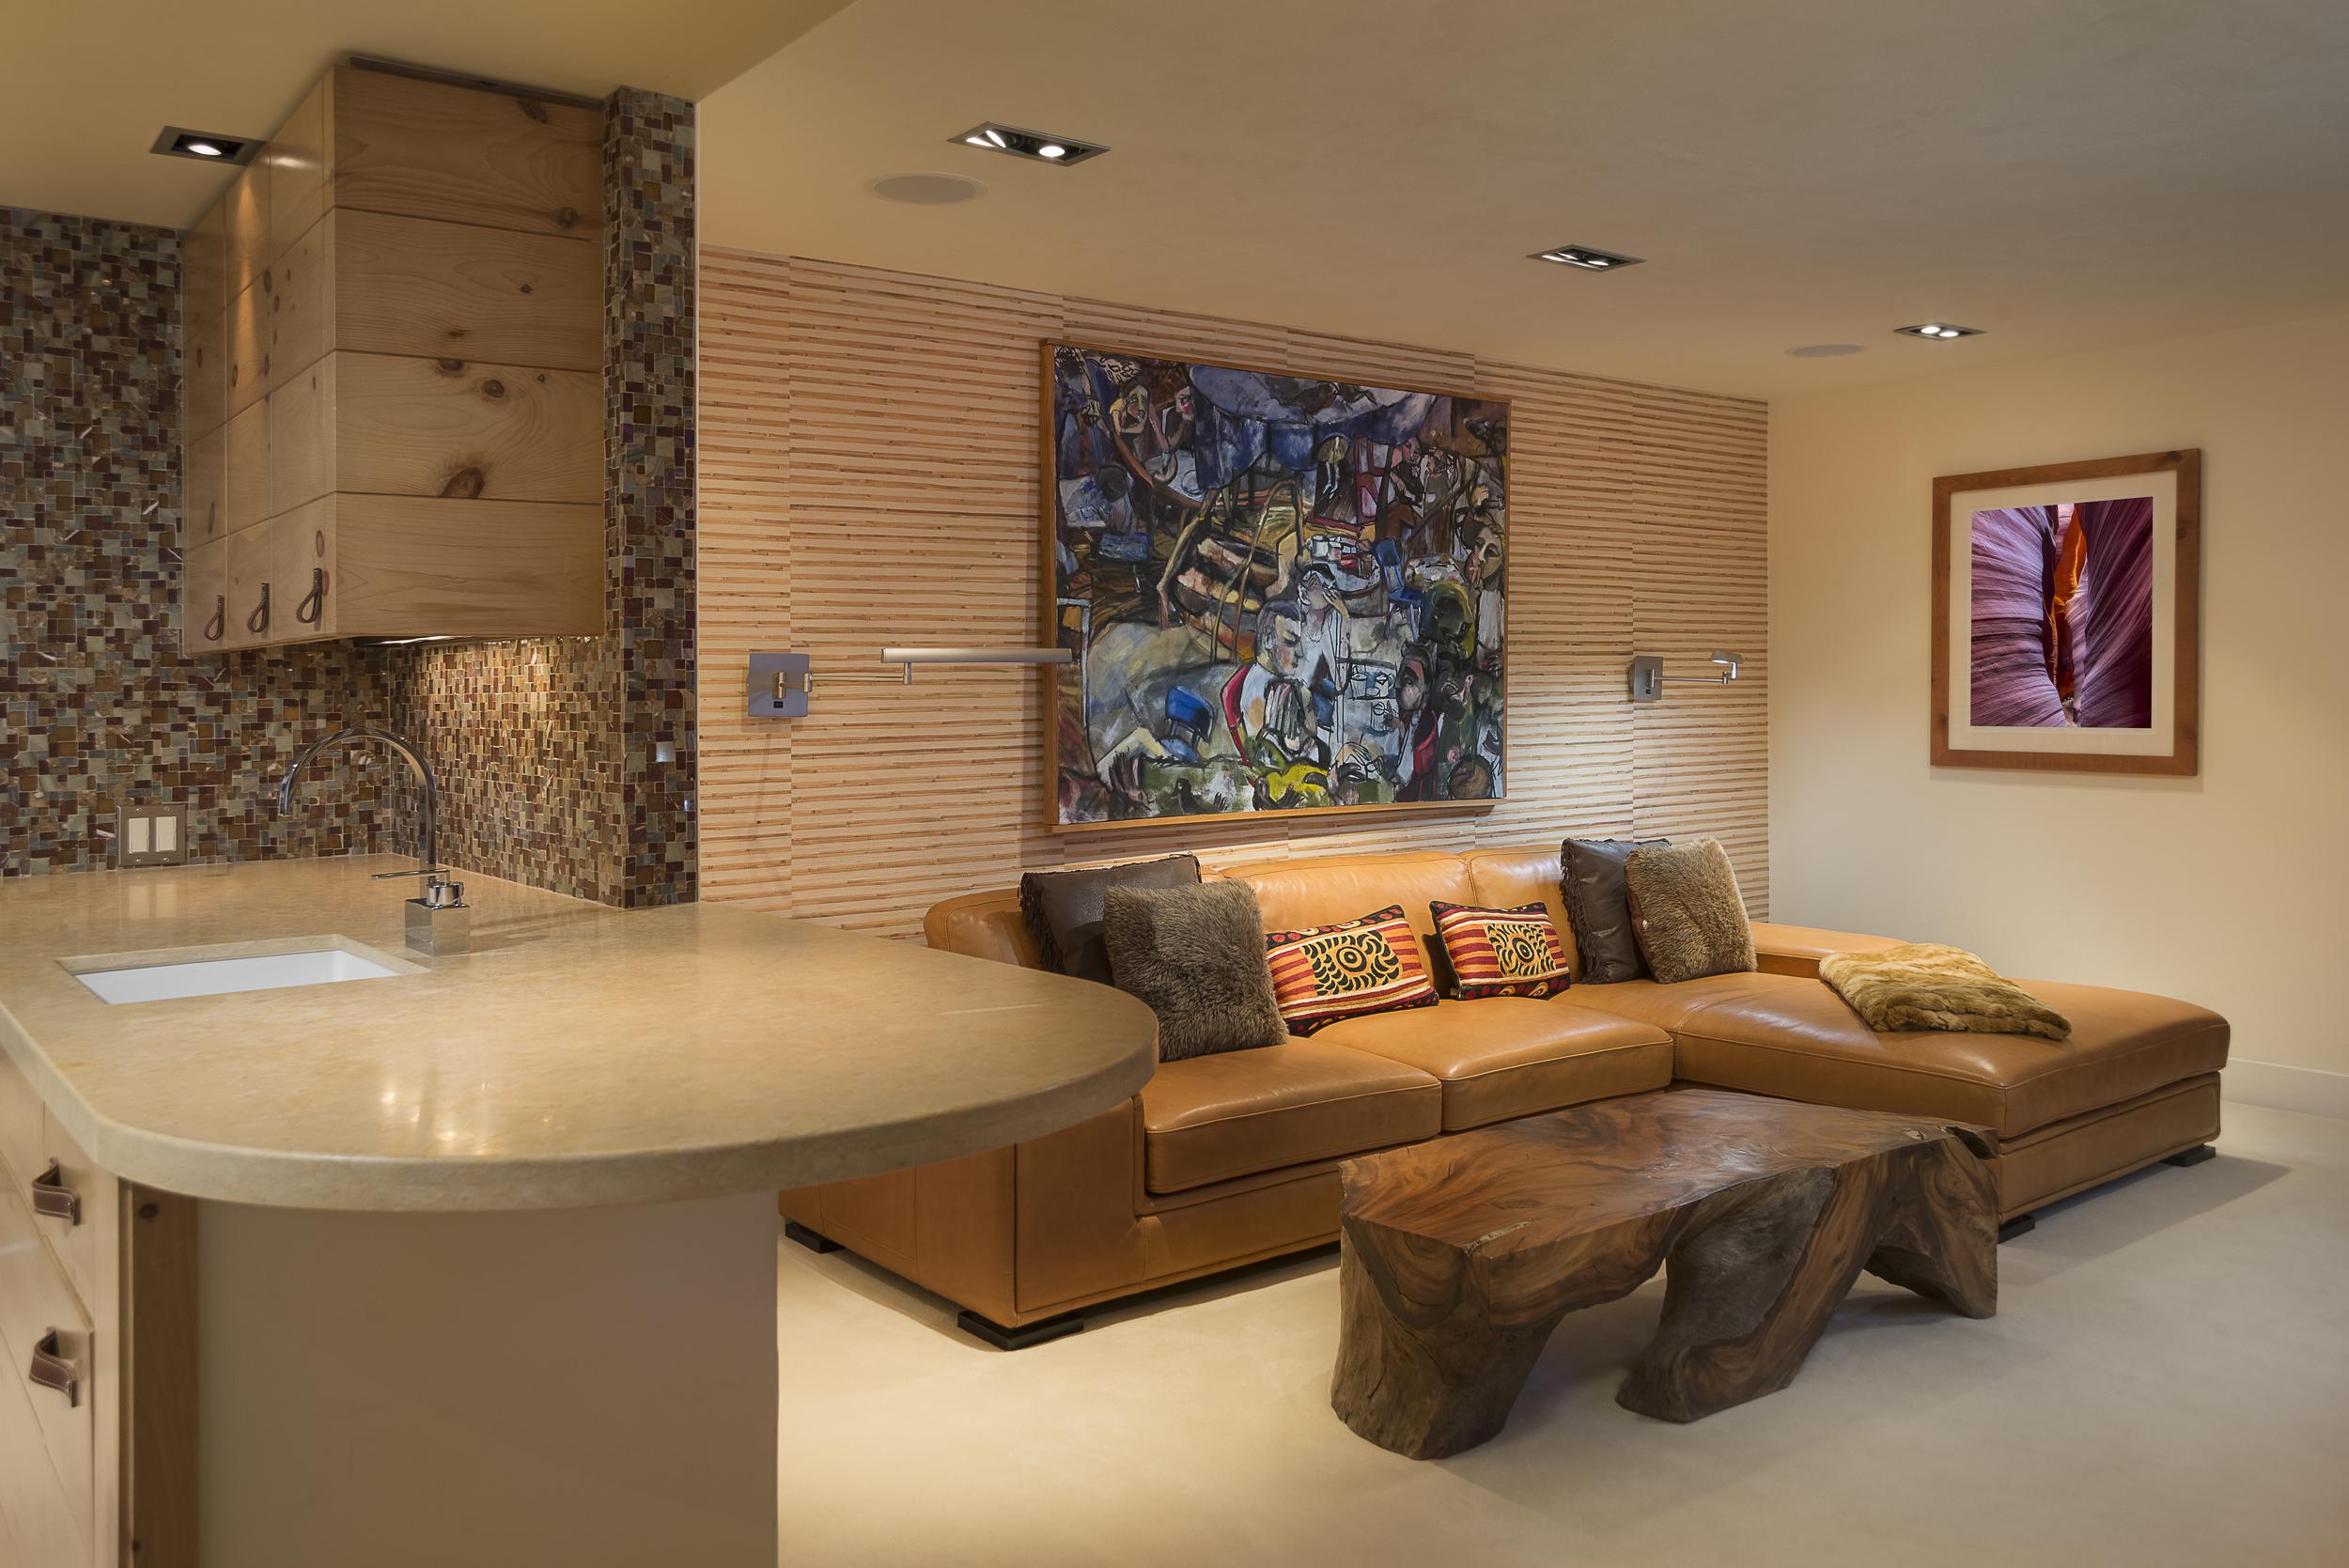 GabeBorder-Idaho-SunValley-interiors (1 of 3).jpg